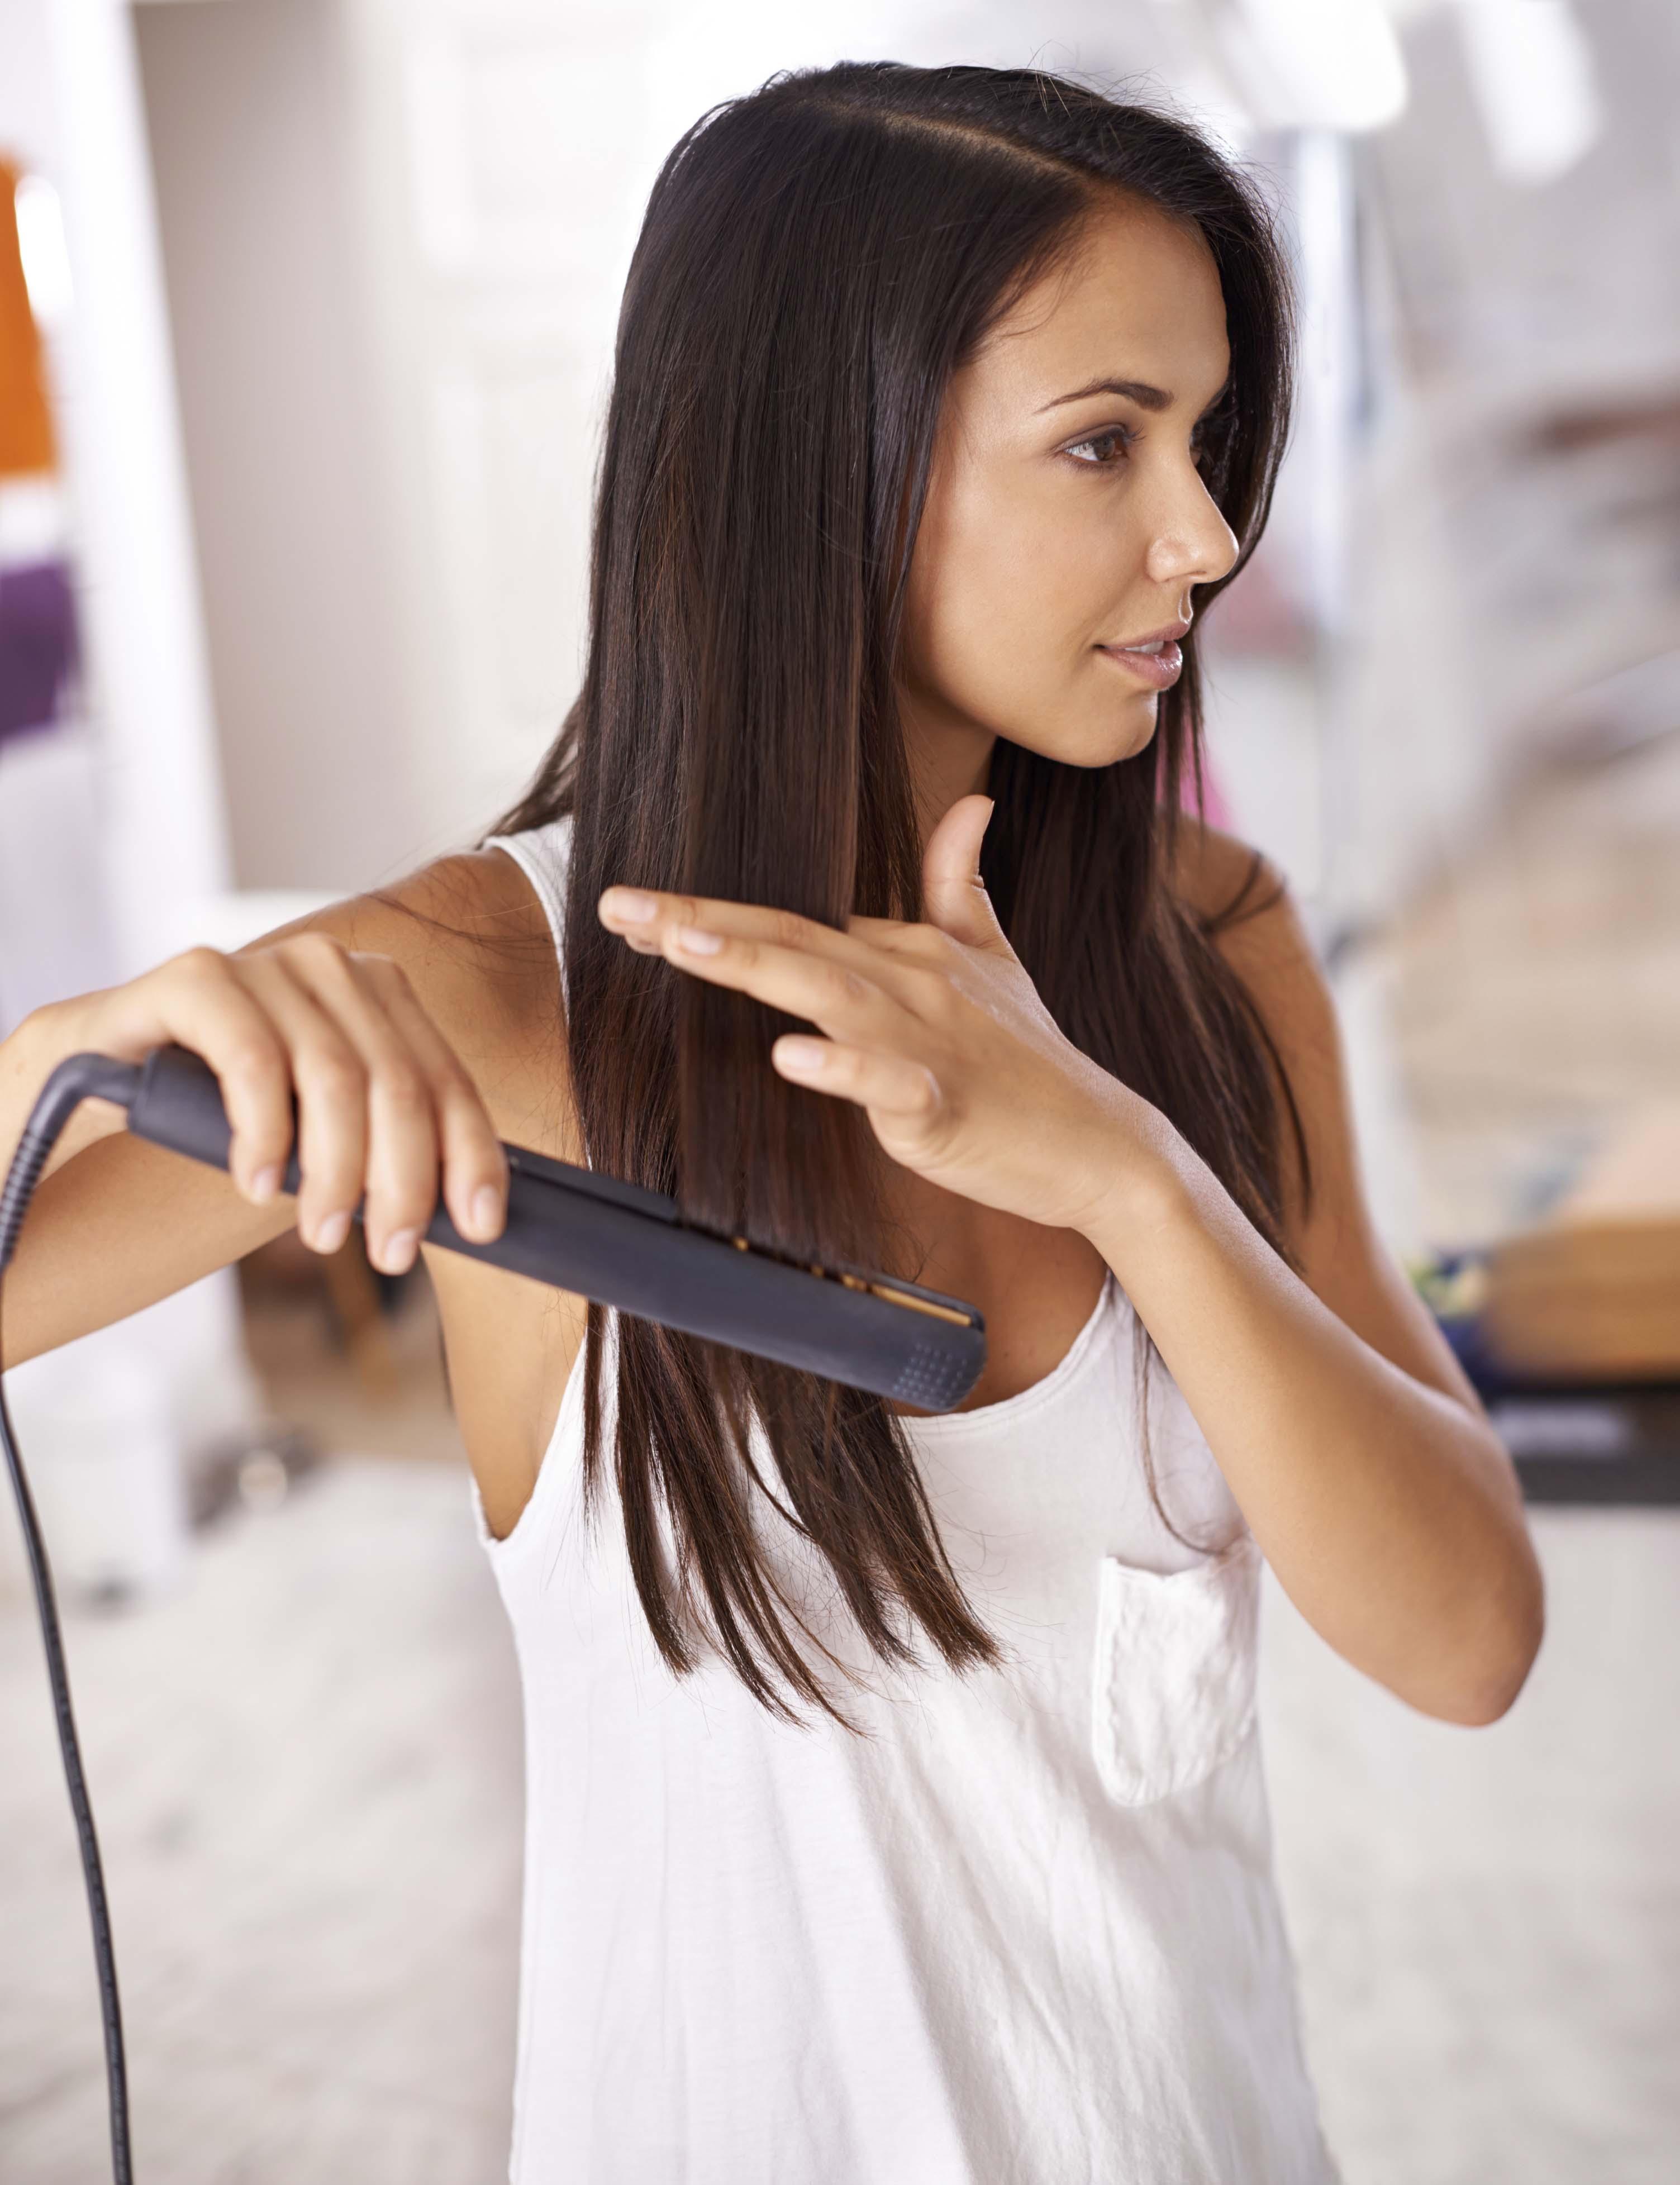 Chica planchándose el pelo